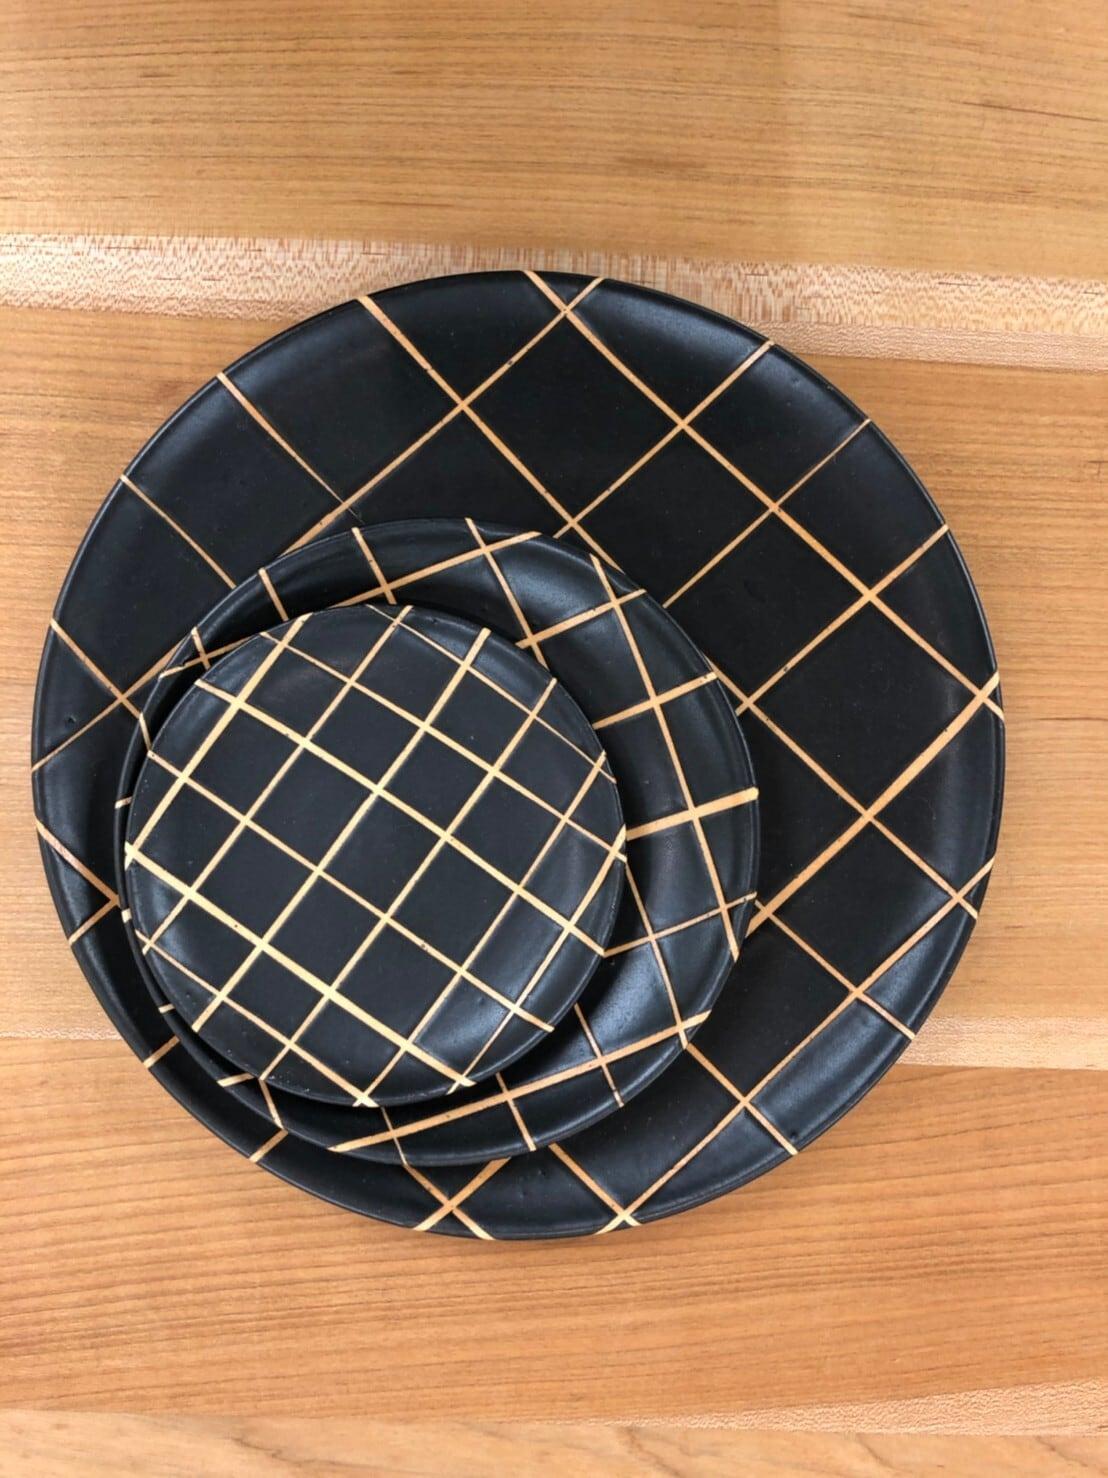 【陶factory509】モノクロ皿 12cm